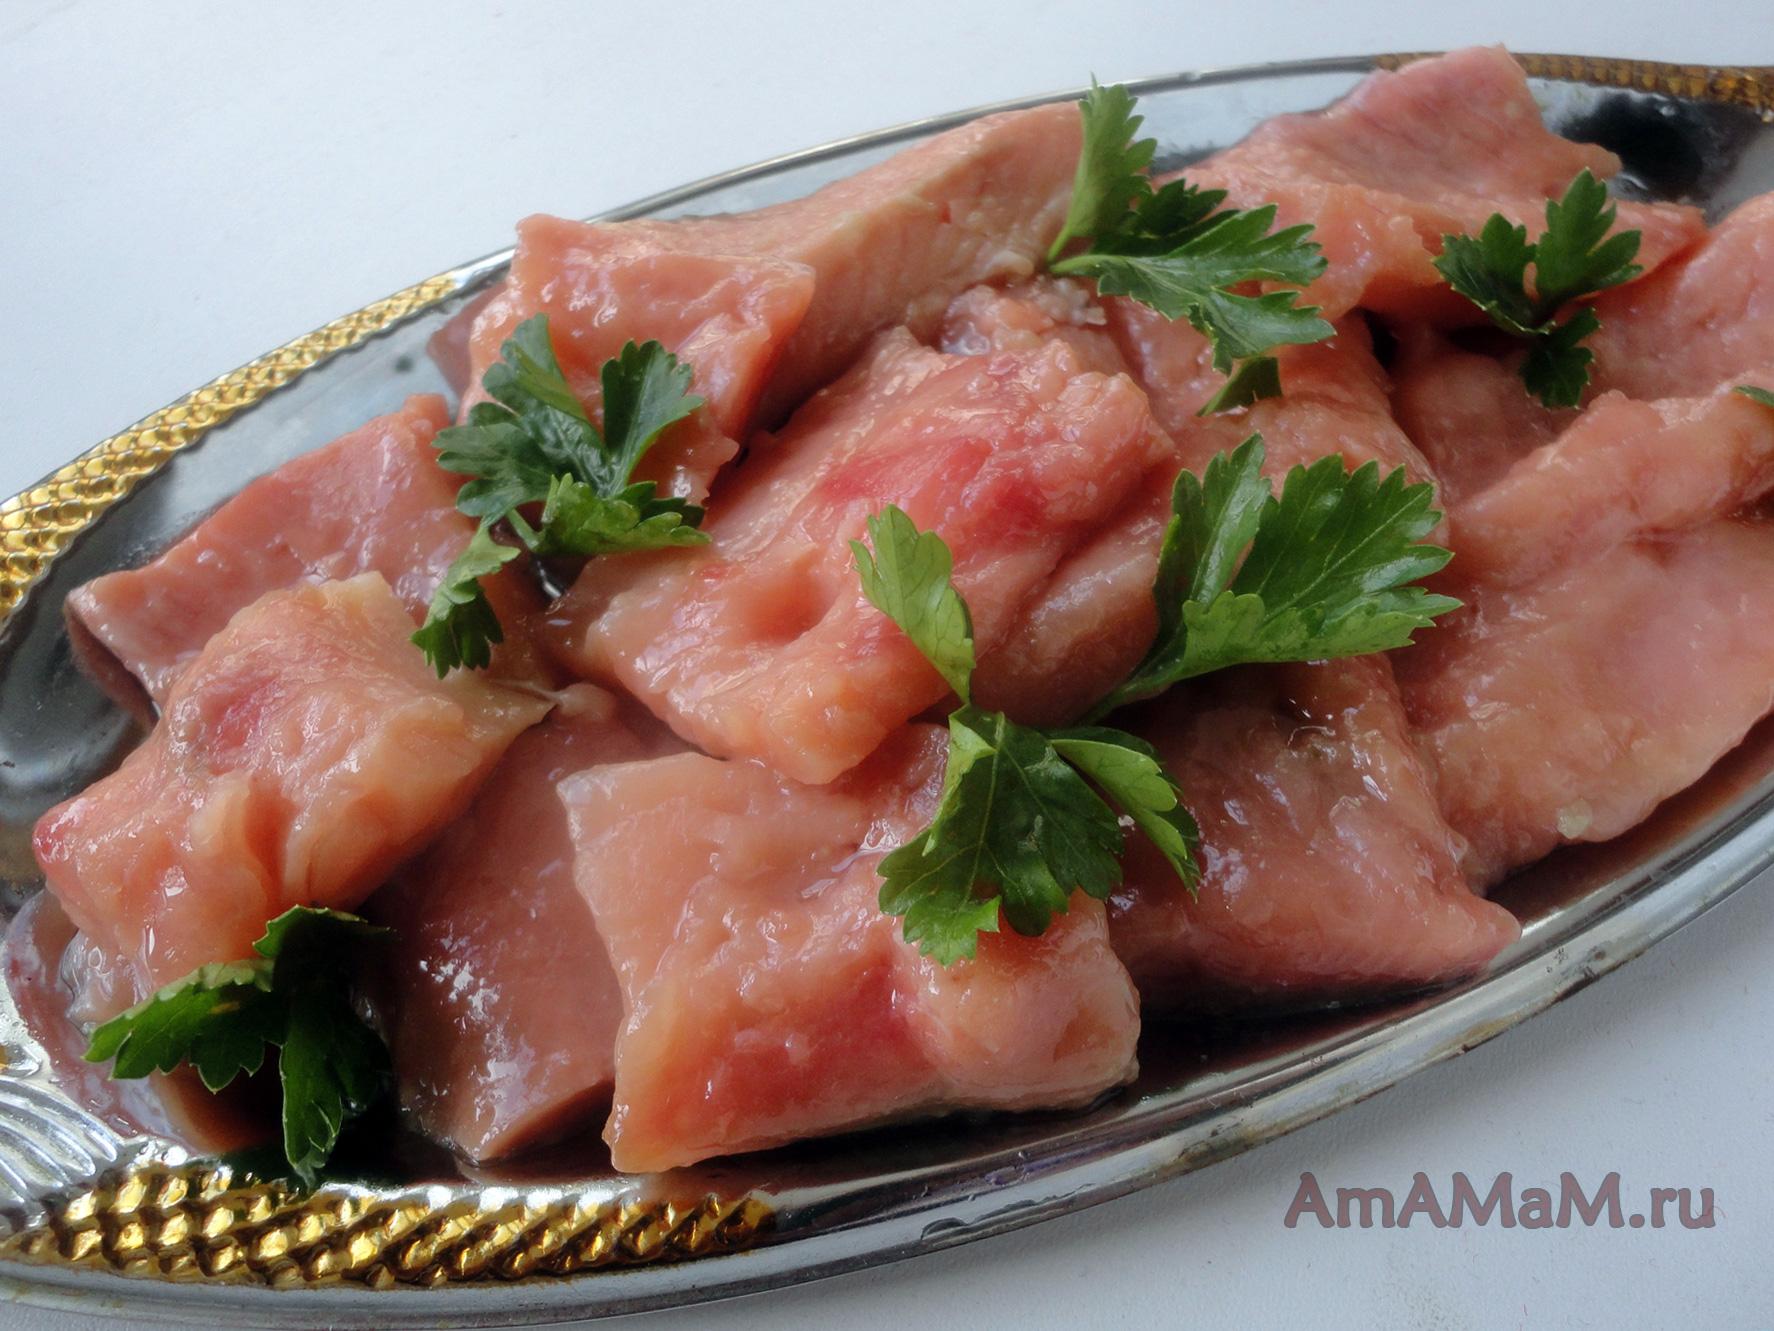 Вкусная домашняя соленая рыба горбуша